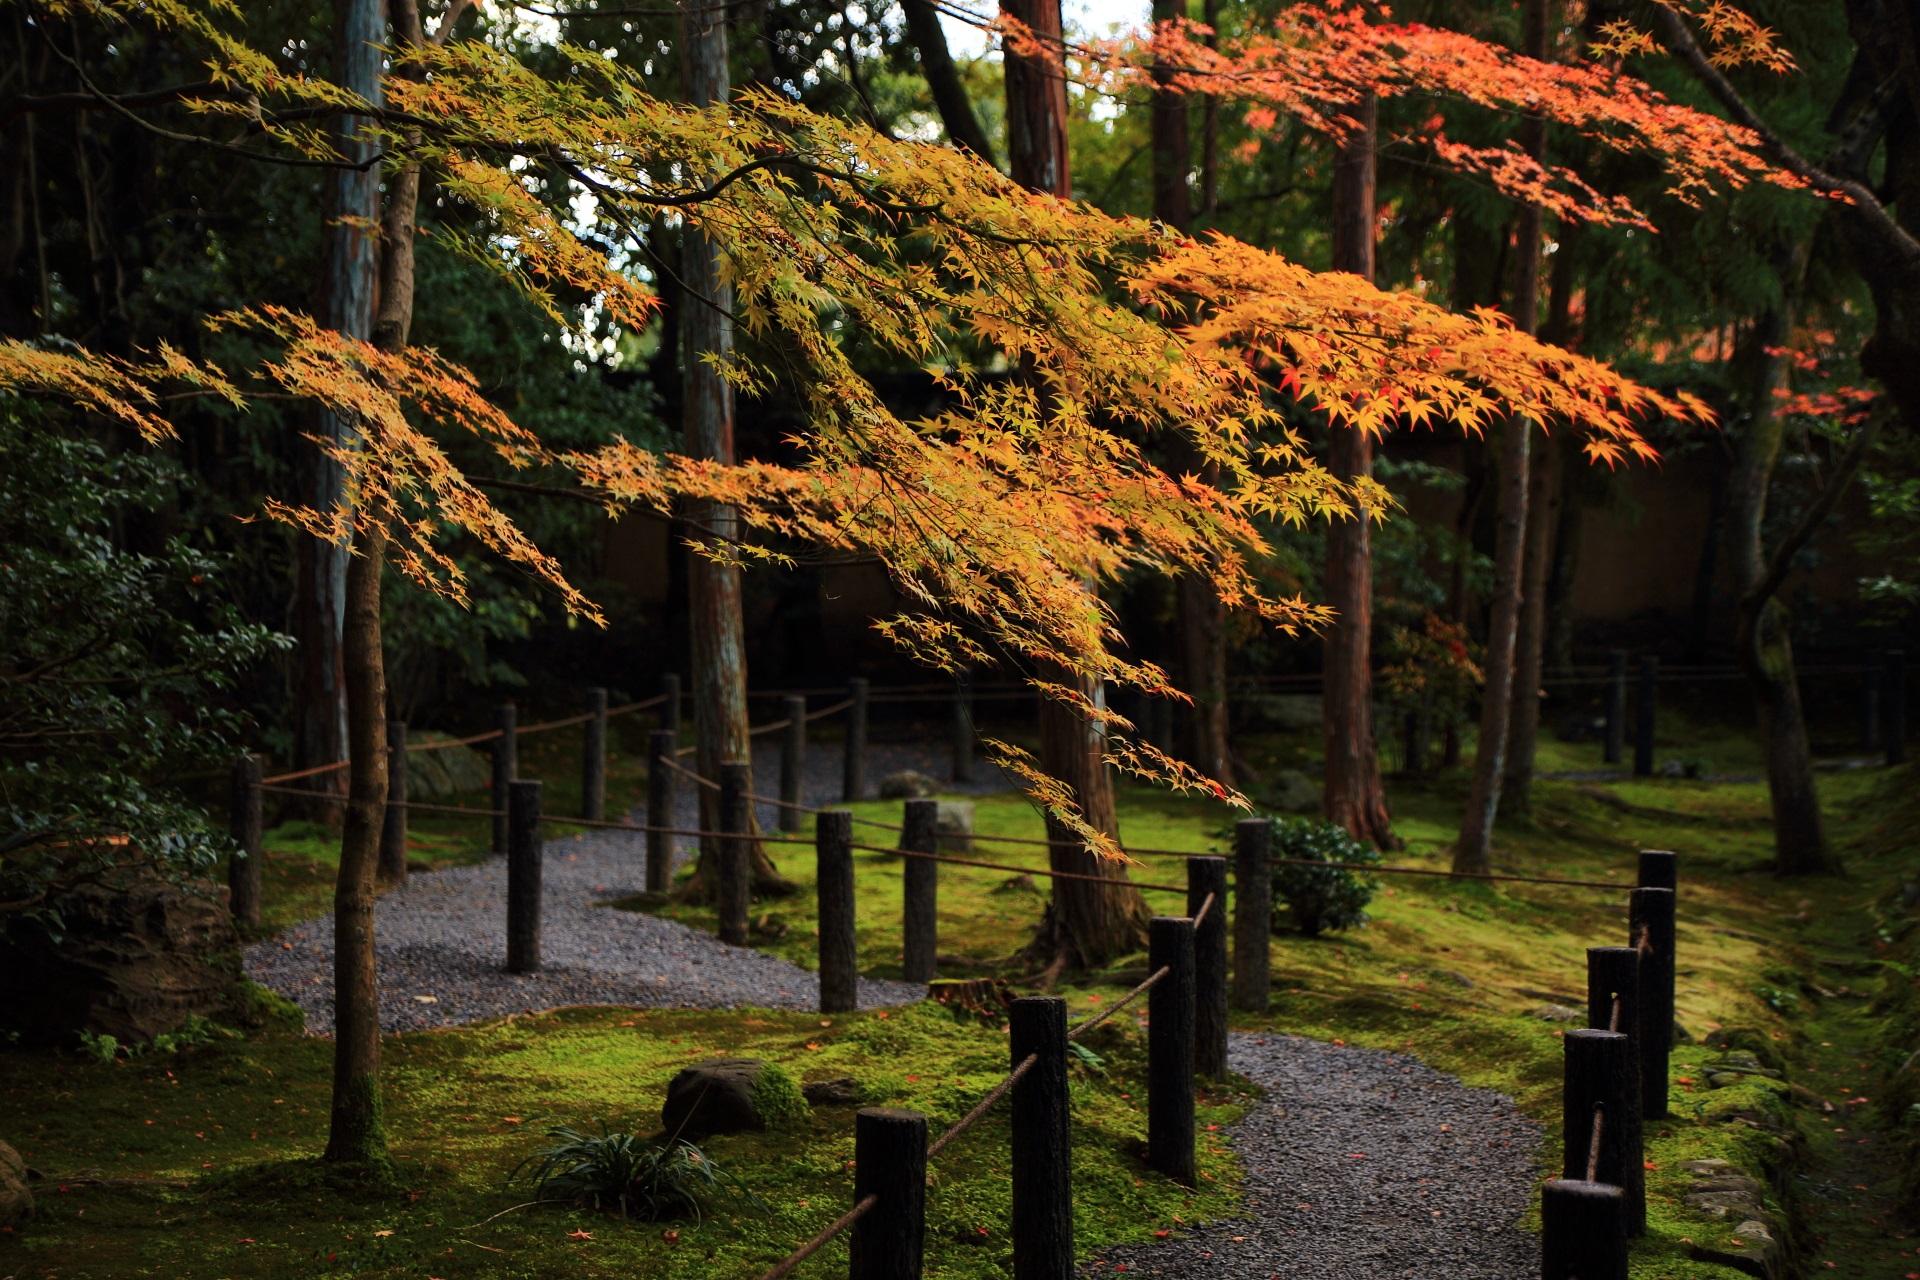 桂春院の参道の奥側(反対側)から眺めた煌びやかな紅葉